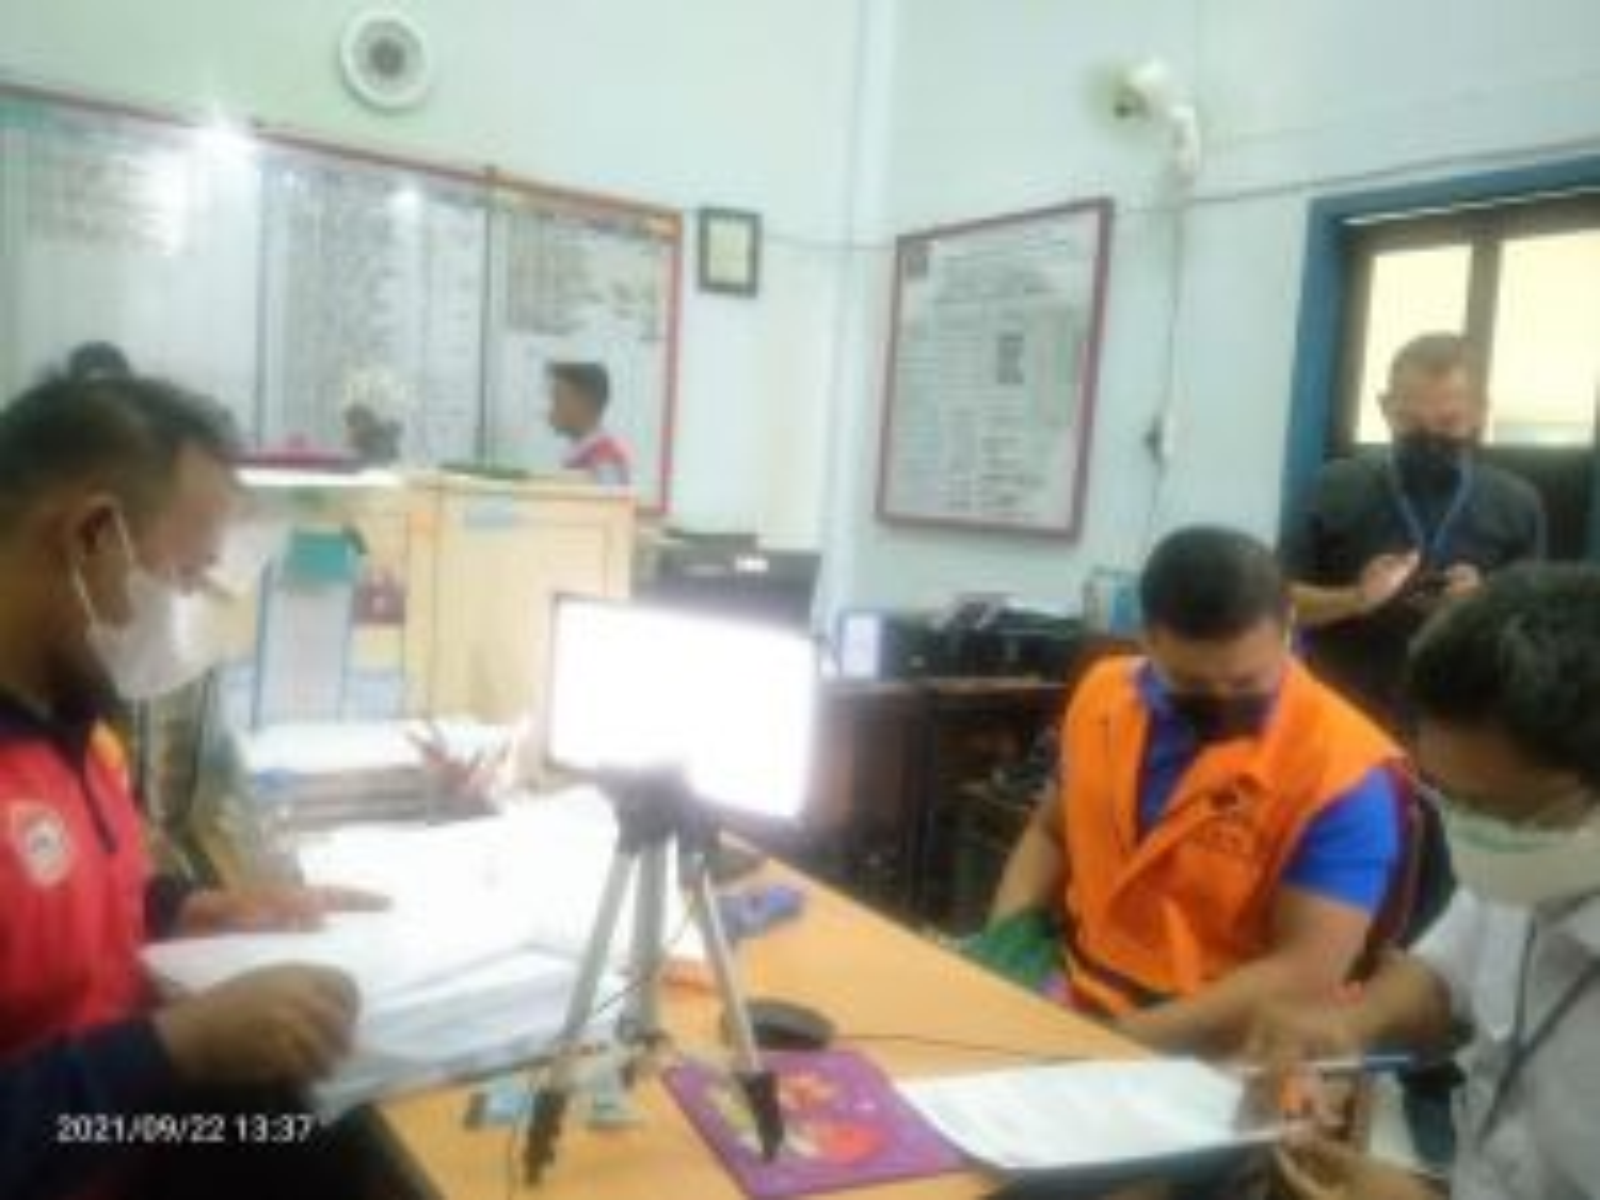 Di Lapas Surabaya, Eks Stafsus Edhy Prabowo Langsung Dimasukkan Sel Isolasi Khusus